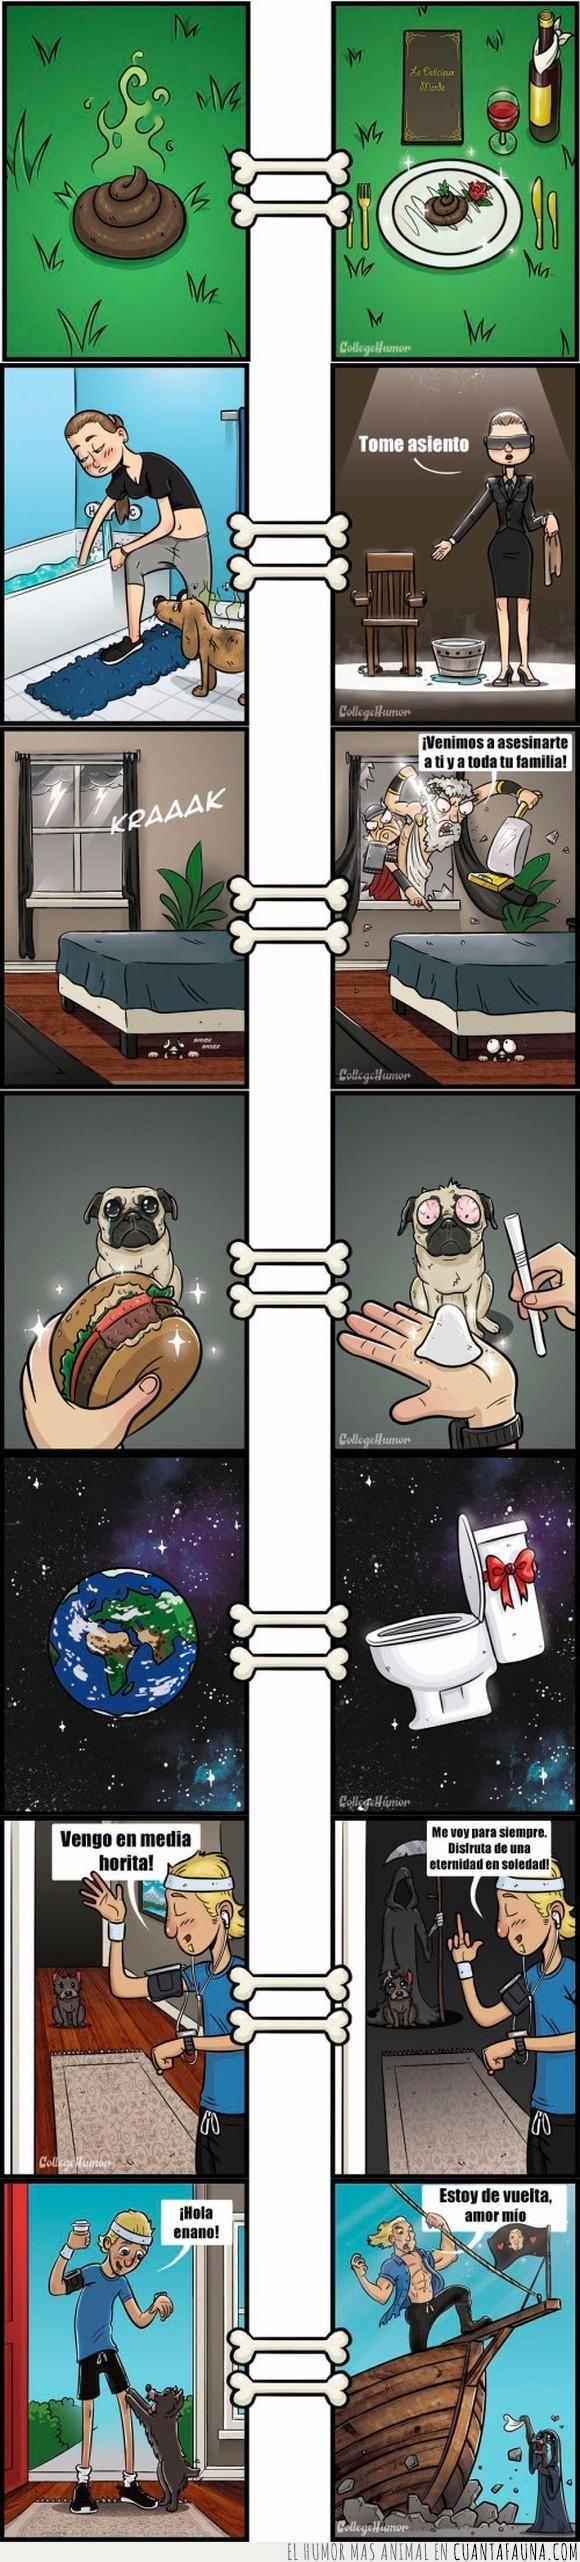 perros,puntos de vista,vida,vista